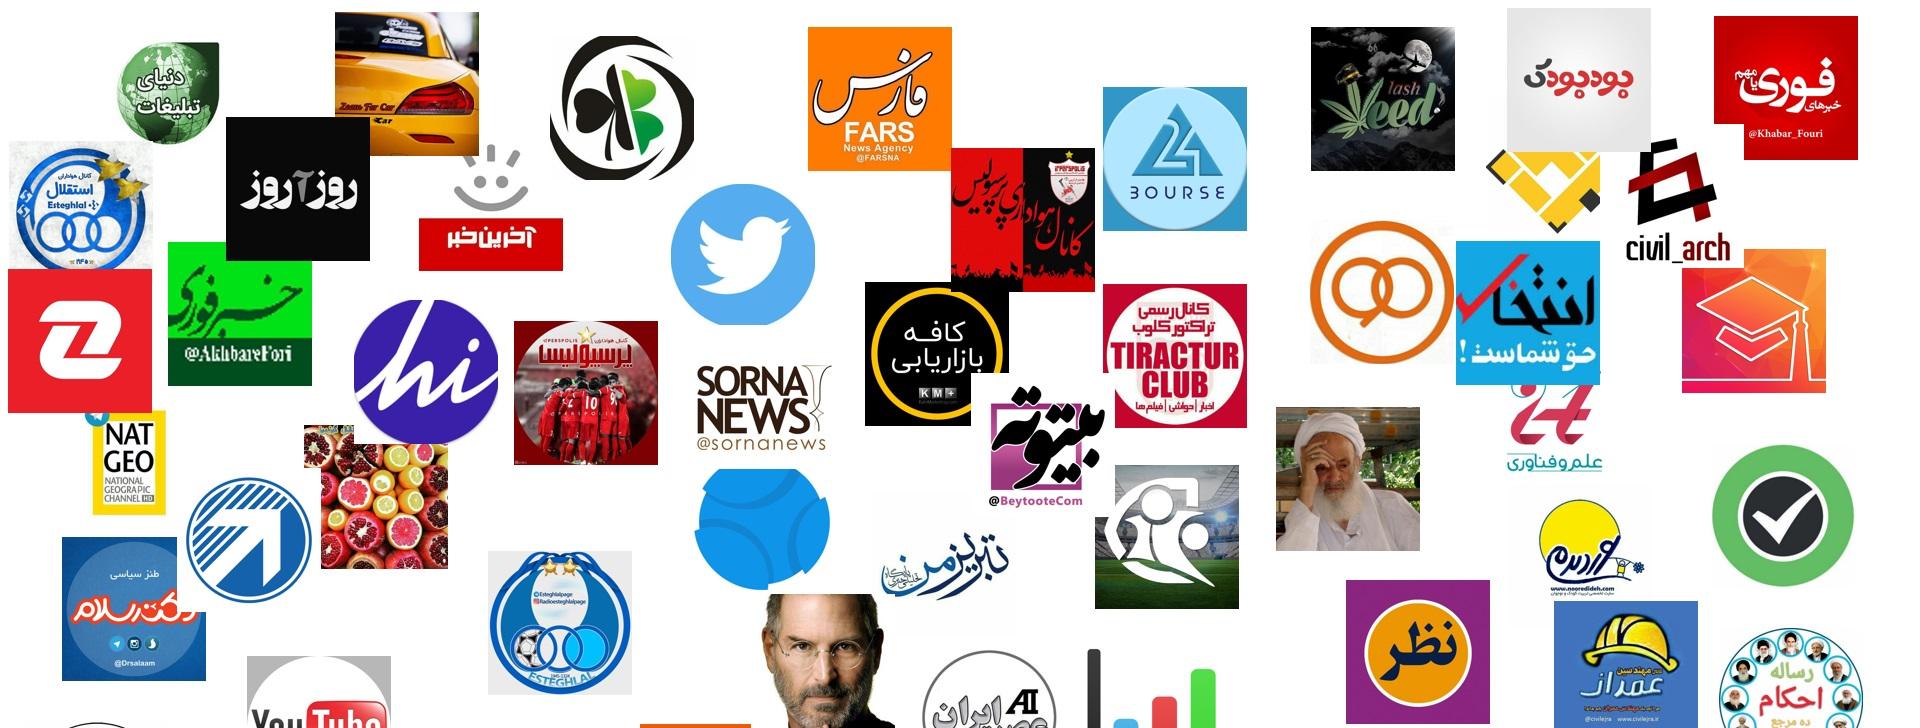 لیست کامل کانالهای تبلیغاتی تلگرام